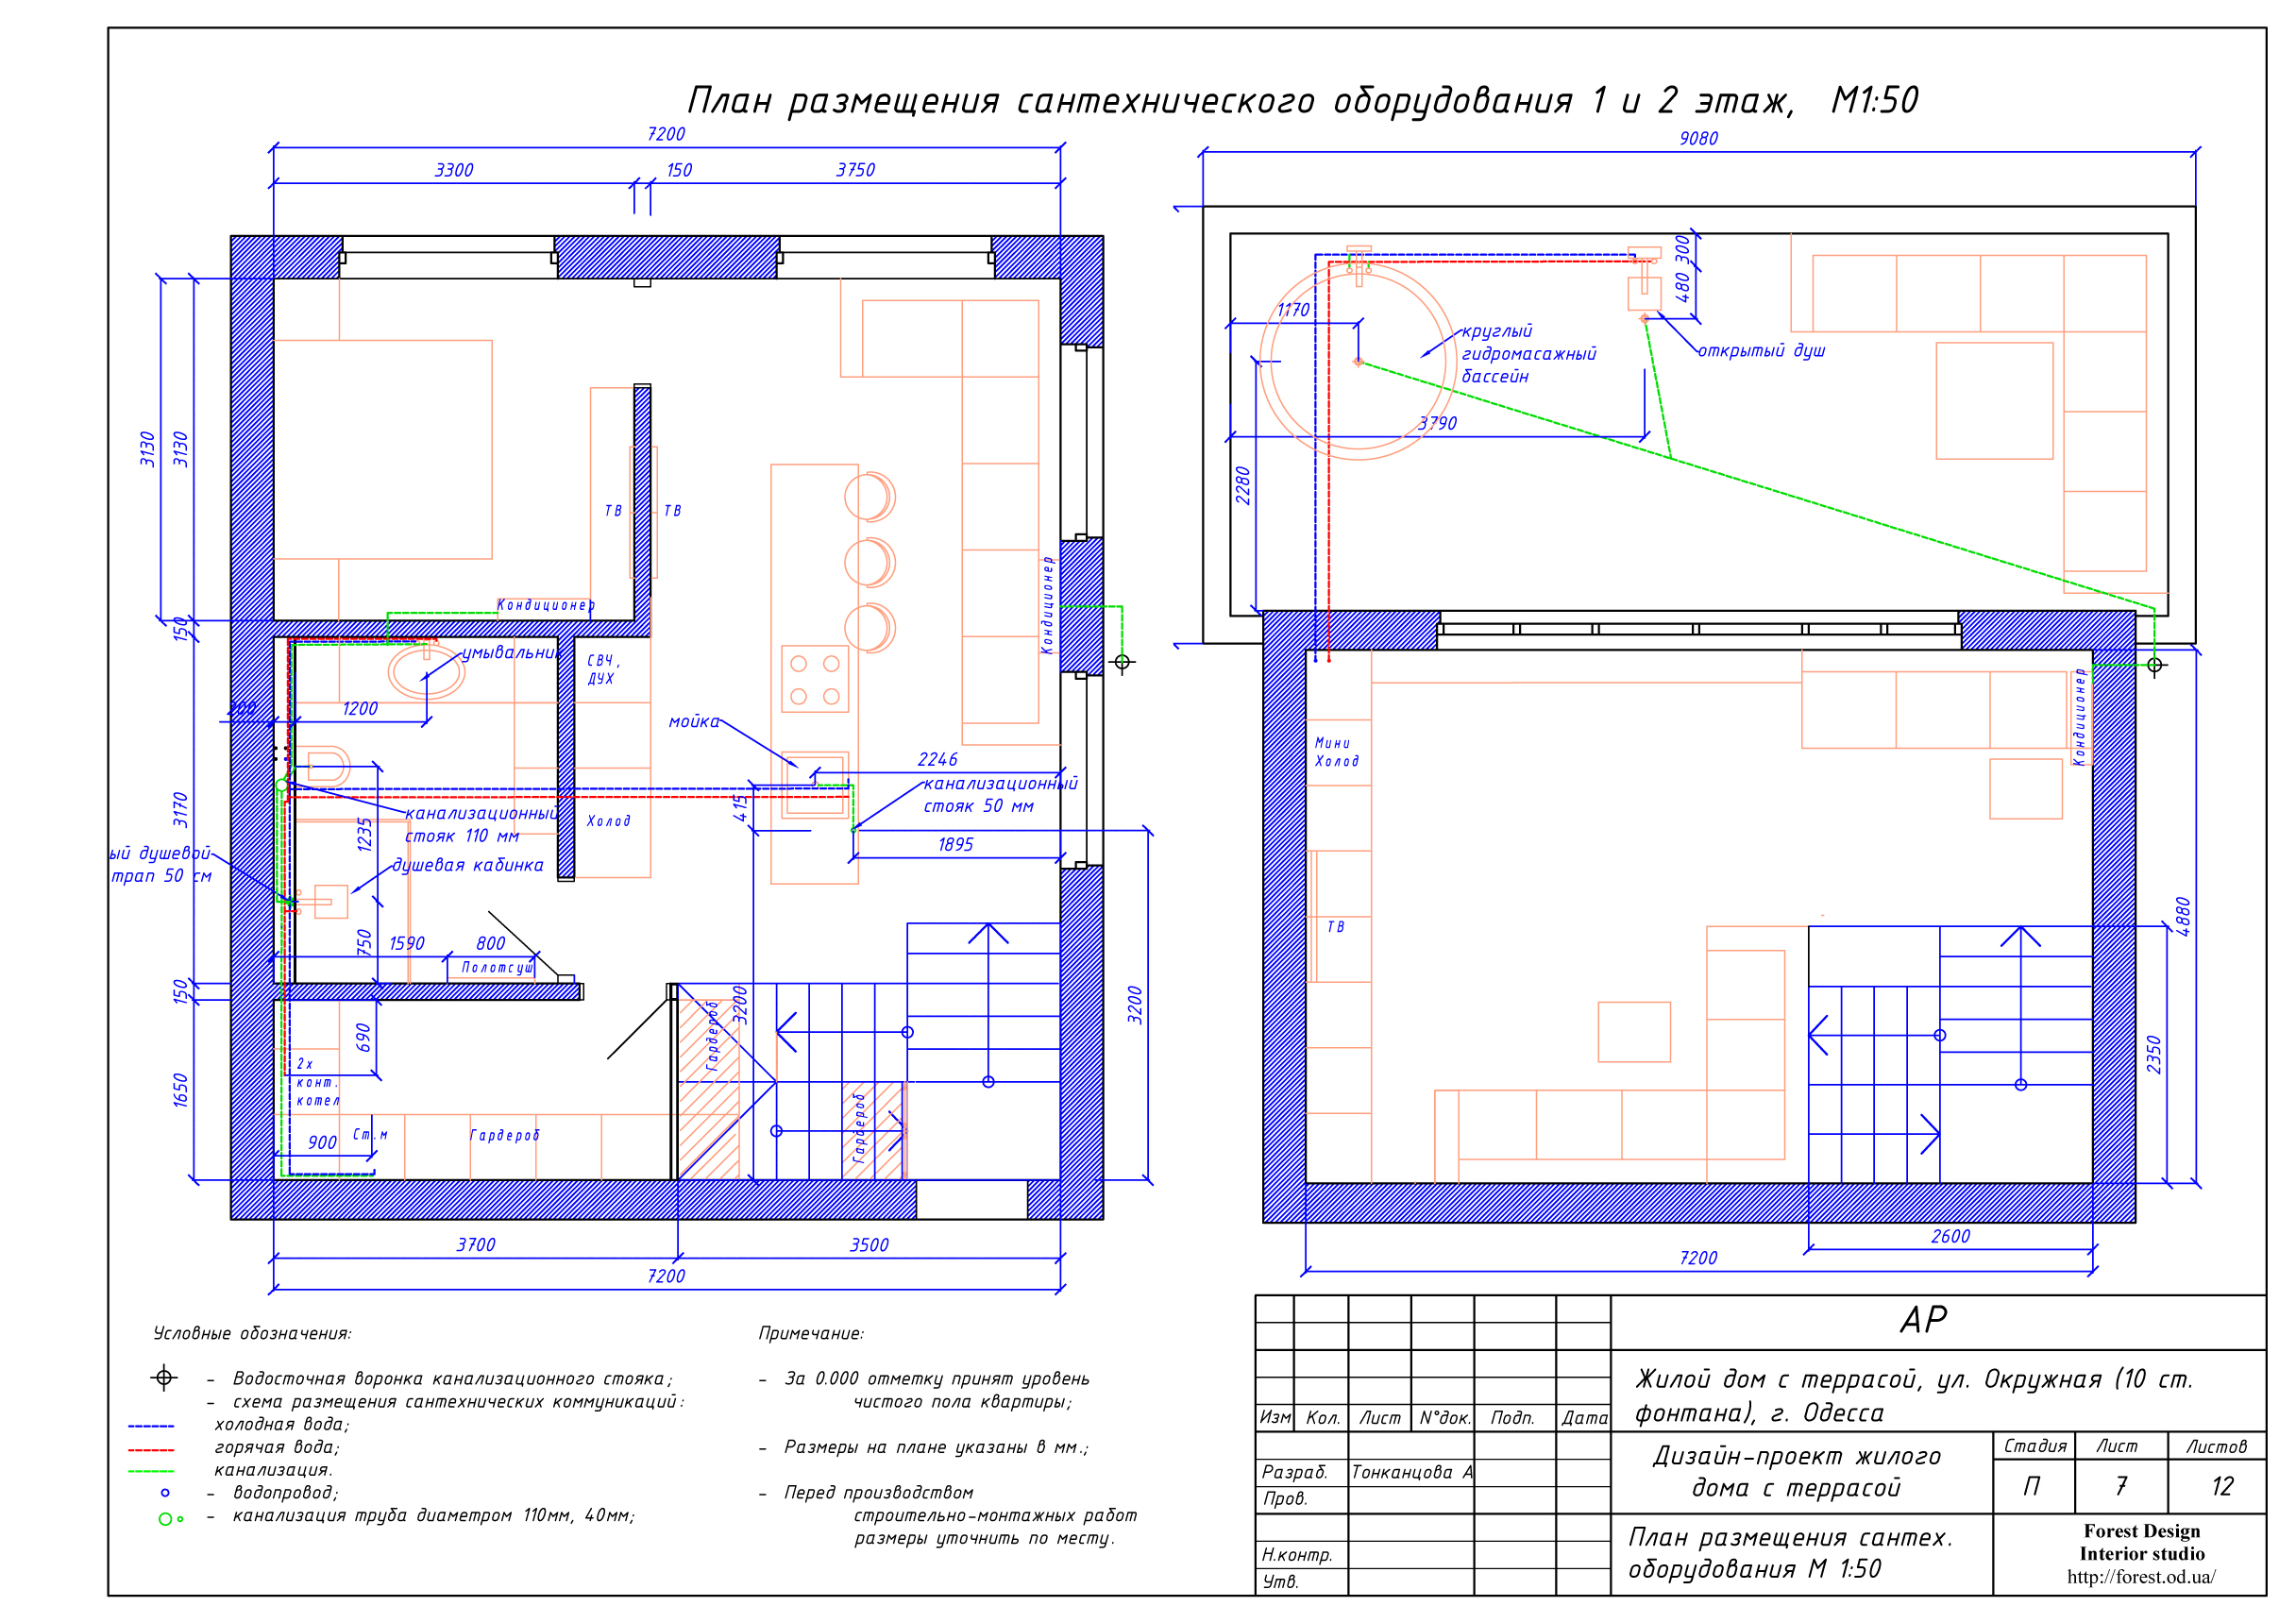 8-план расстановки сантехнического оборудования